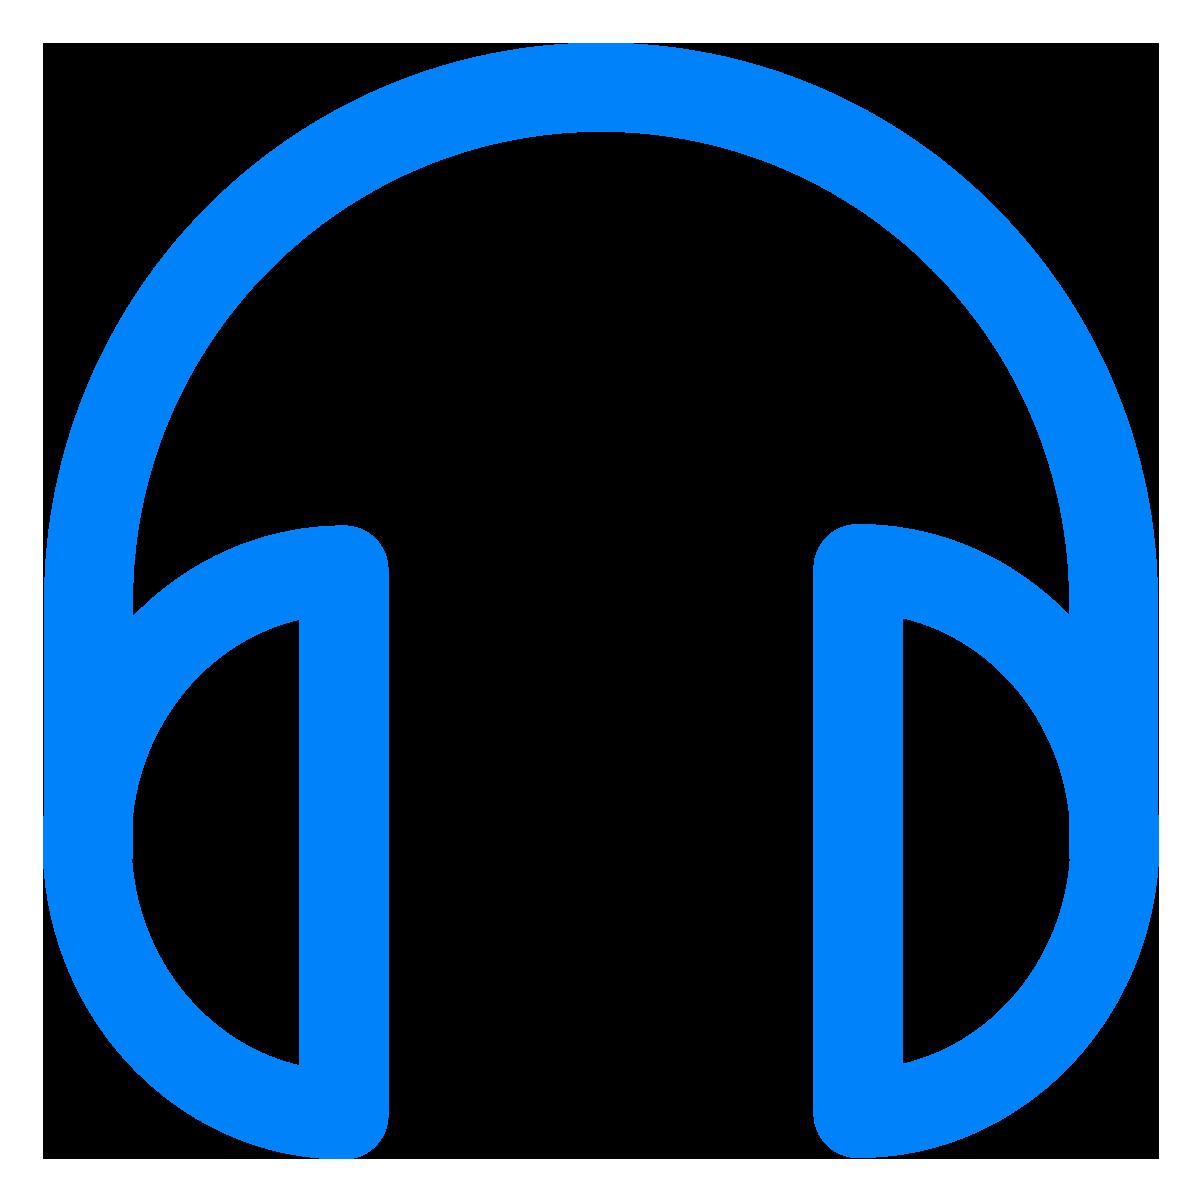 Xiaomi Mi A2 (Mi 6X) Bluetooth Audio Codecs